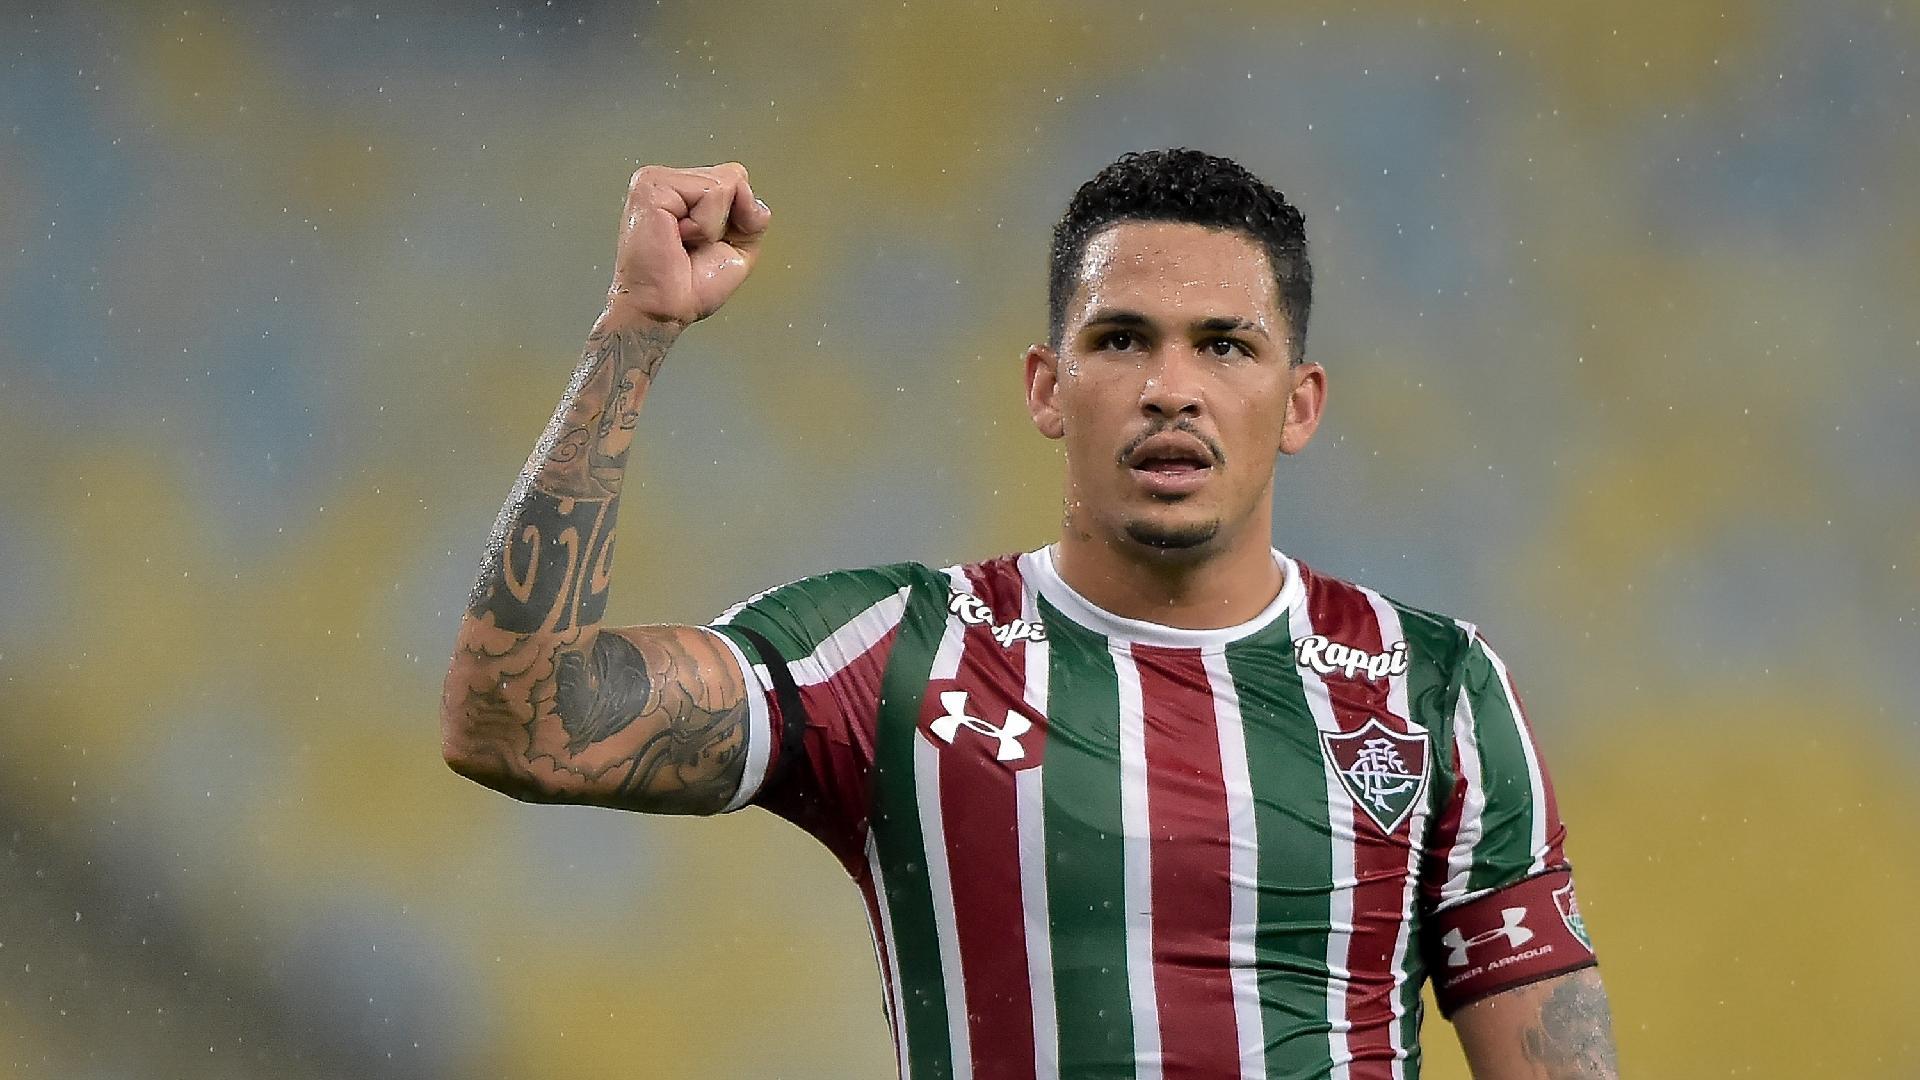 Luciano, do Fluminense, comemora seu gol durante partida contra o Luverdense pela Copa do Brasil 2019